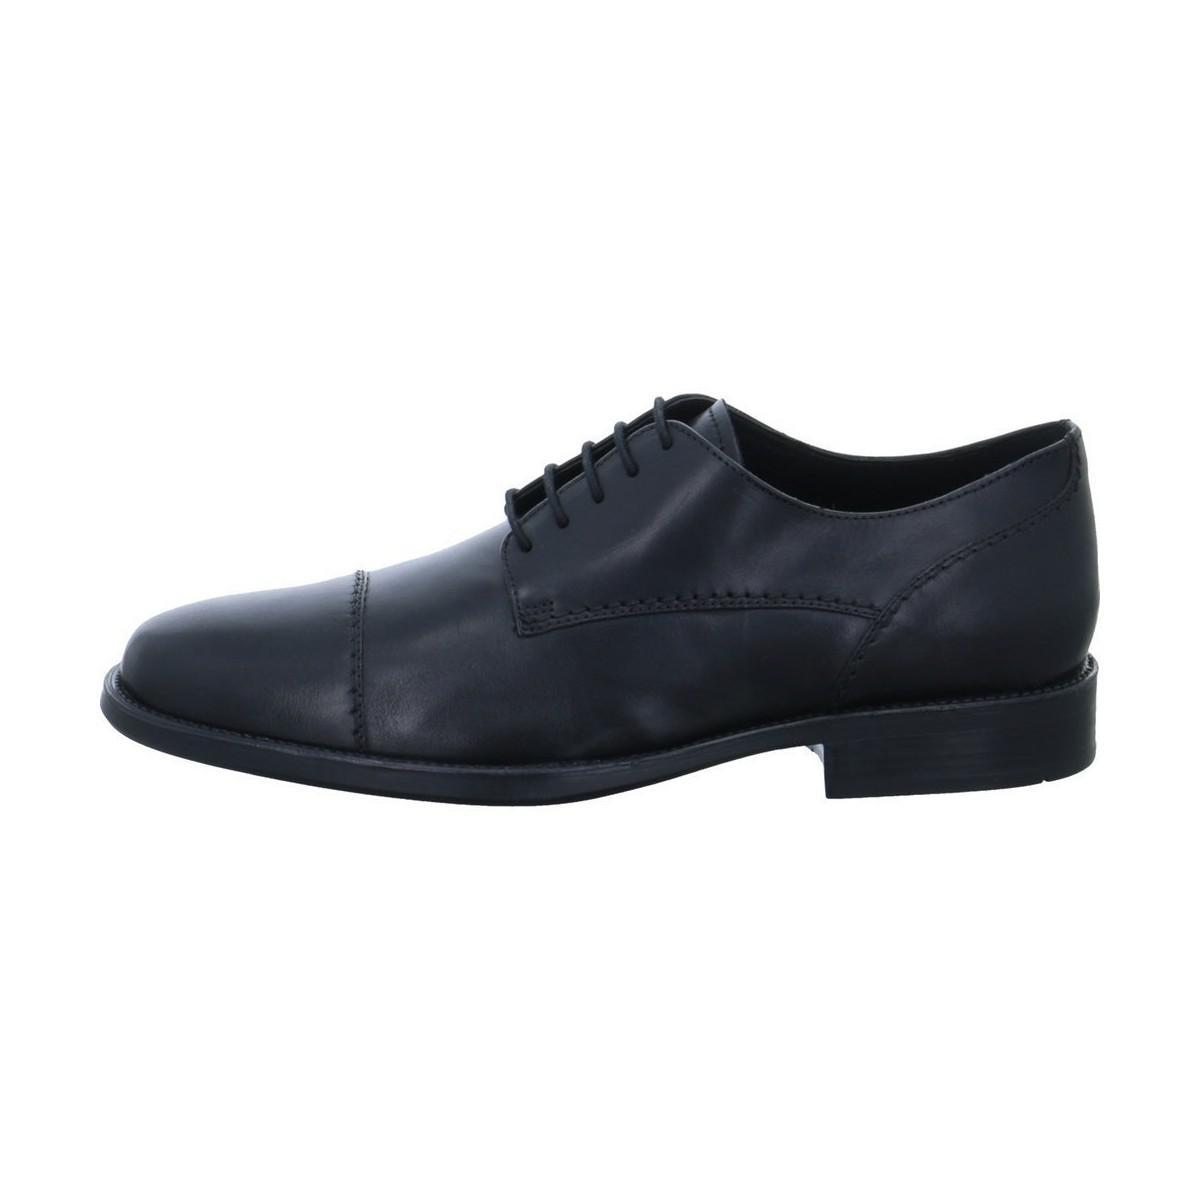 Geox  U7257a Men's Smart|Formal Shoes In Black